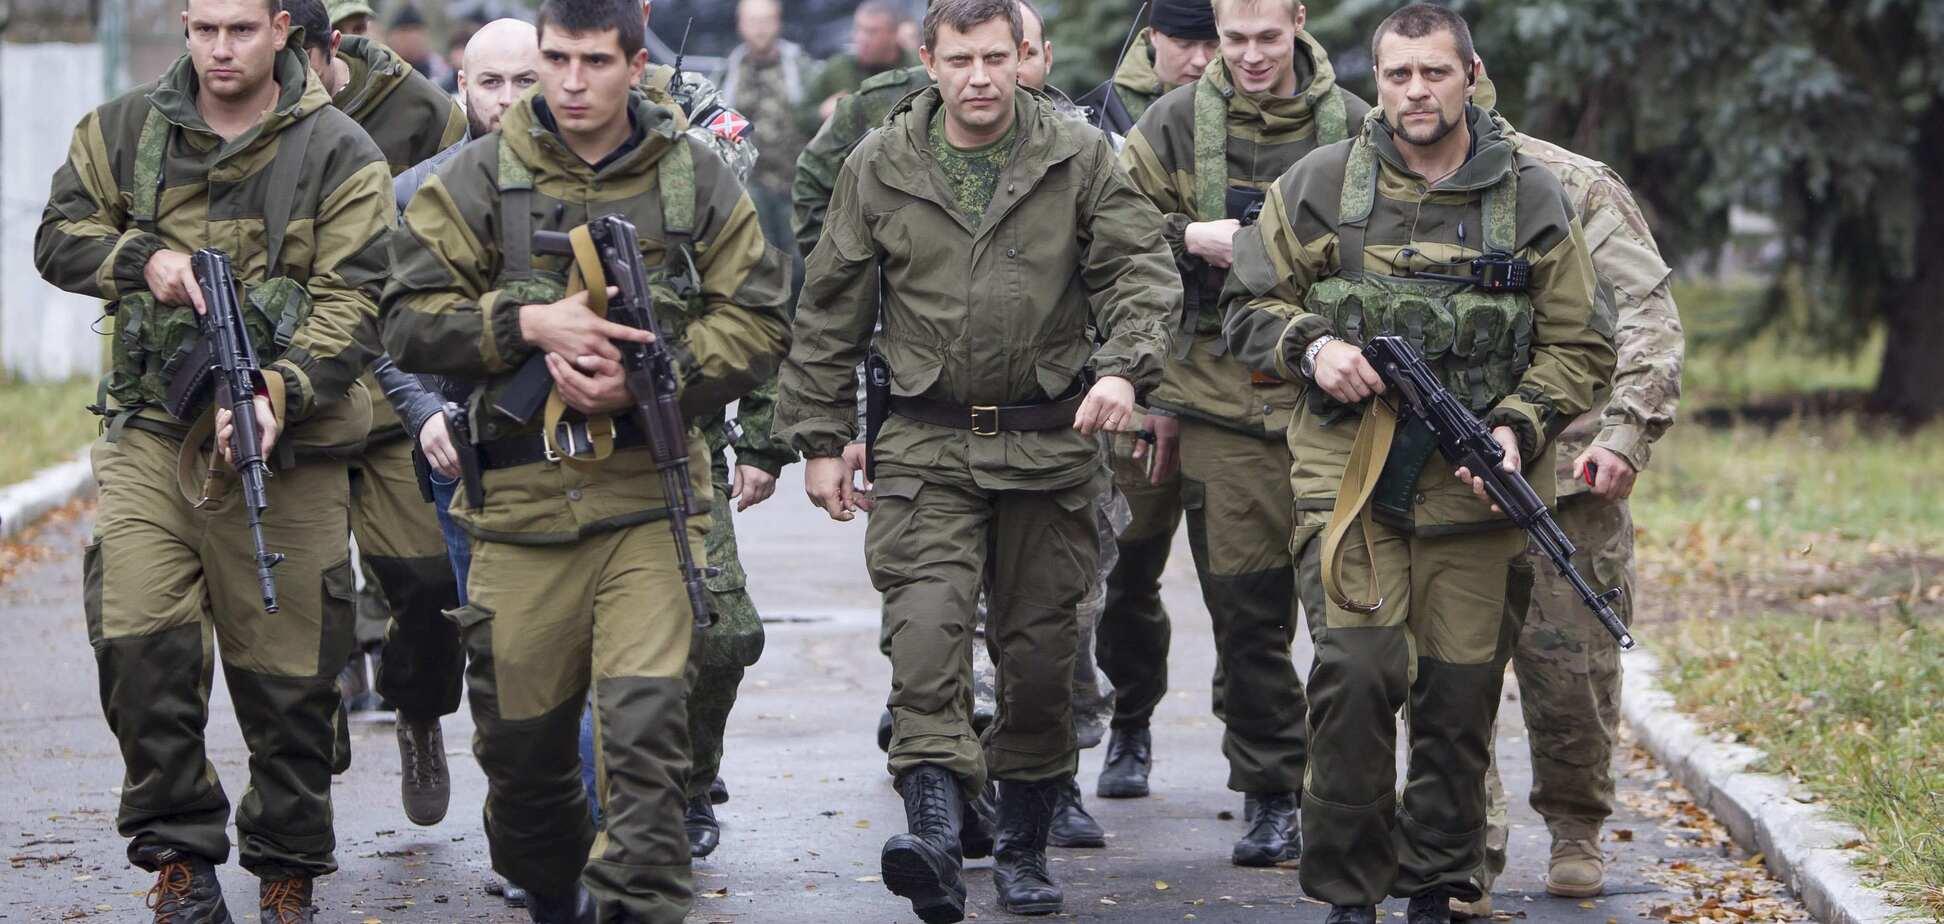 Спасибо, Россия! Стало известно о возмутительных победах 'русского мира' на Донбассе